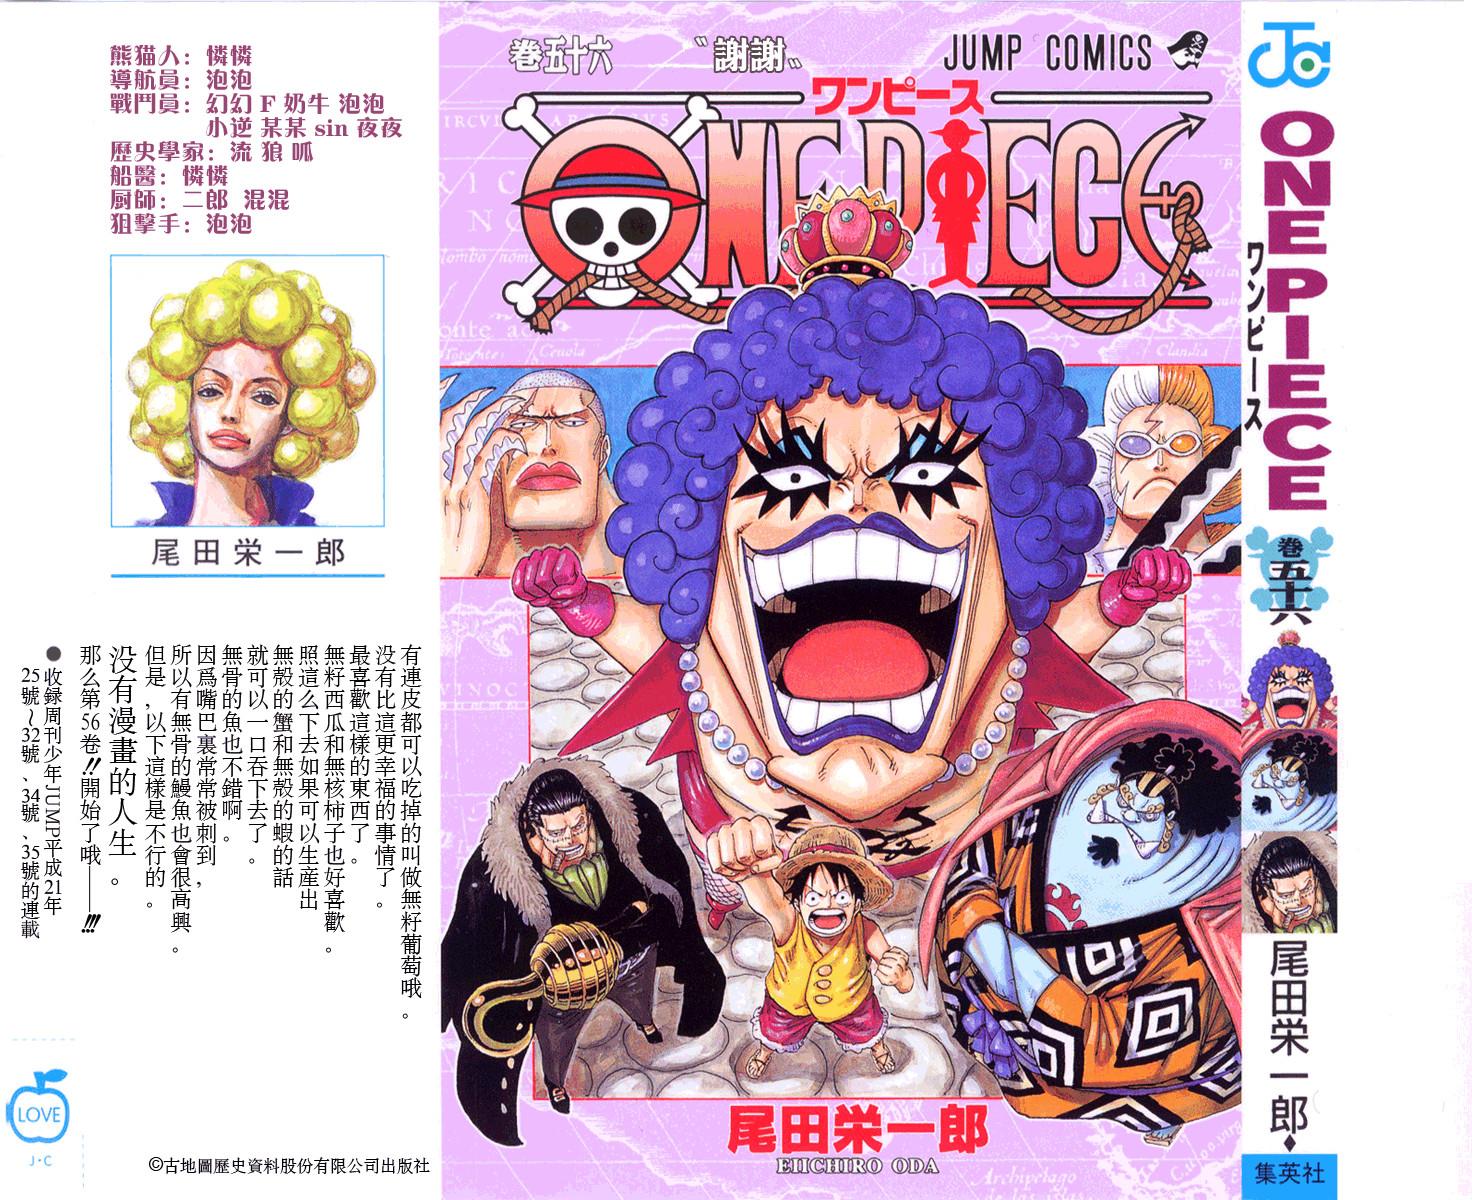 熊猫汉化海贼王718_2楼 2009-12-07 18:31